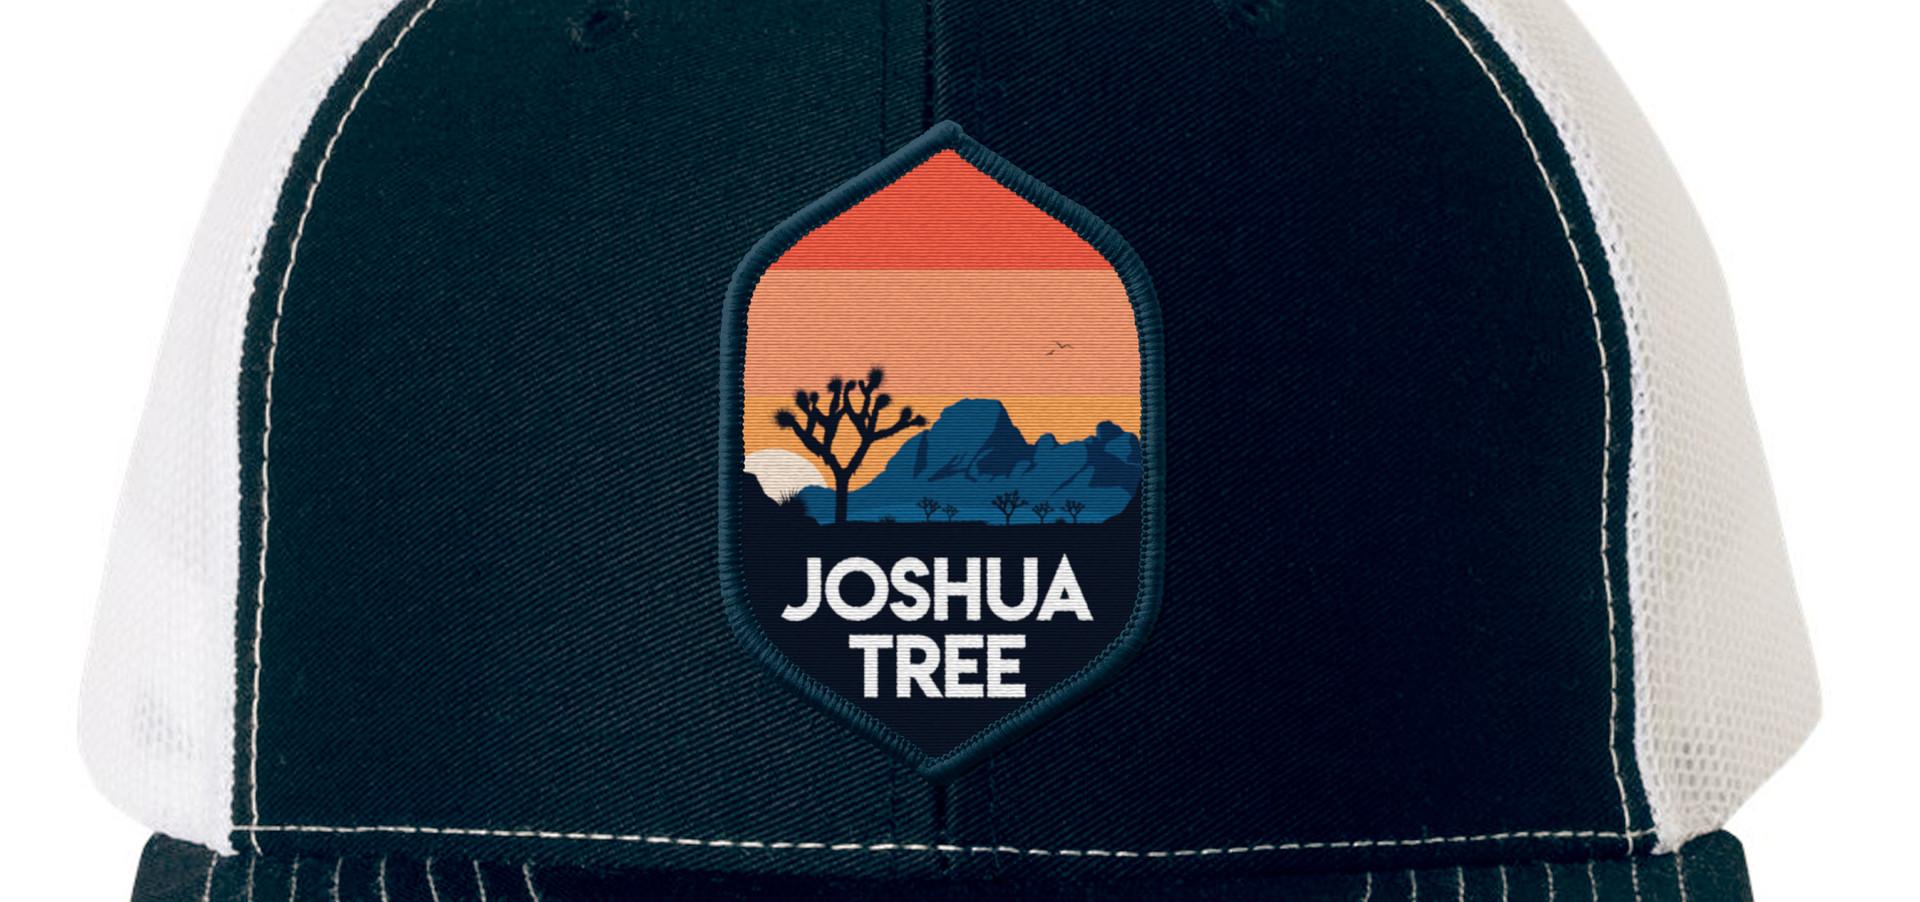 JoshuaTree-3.jpg